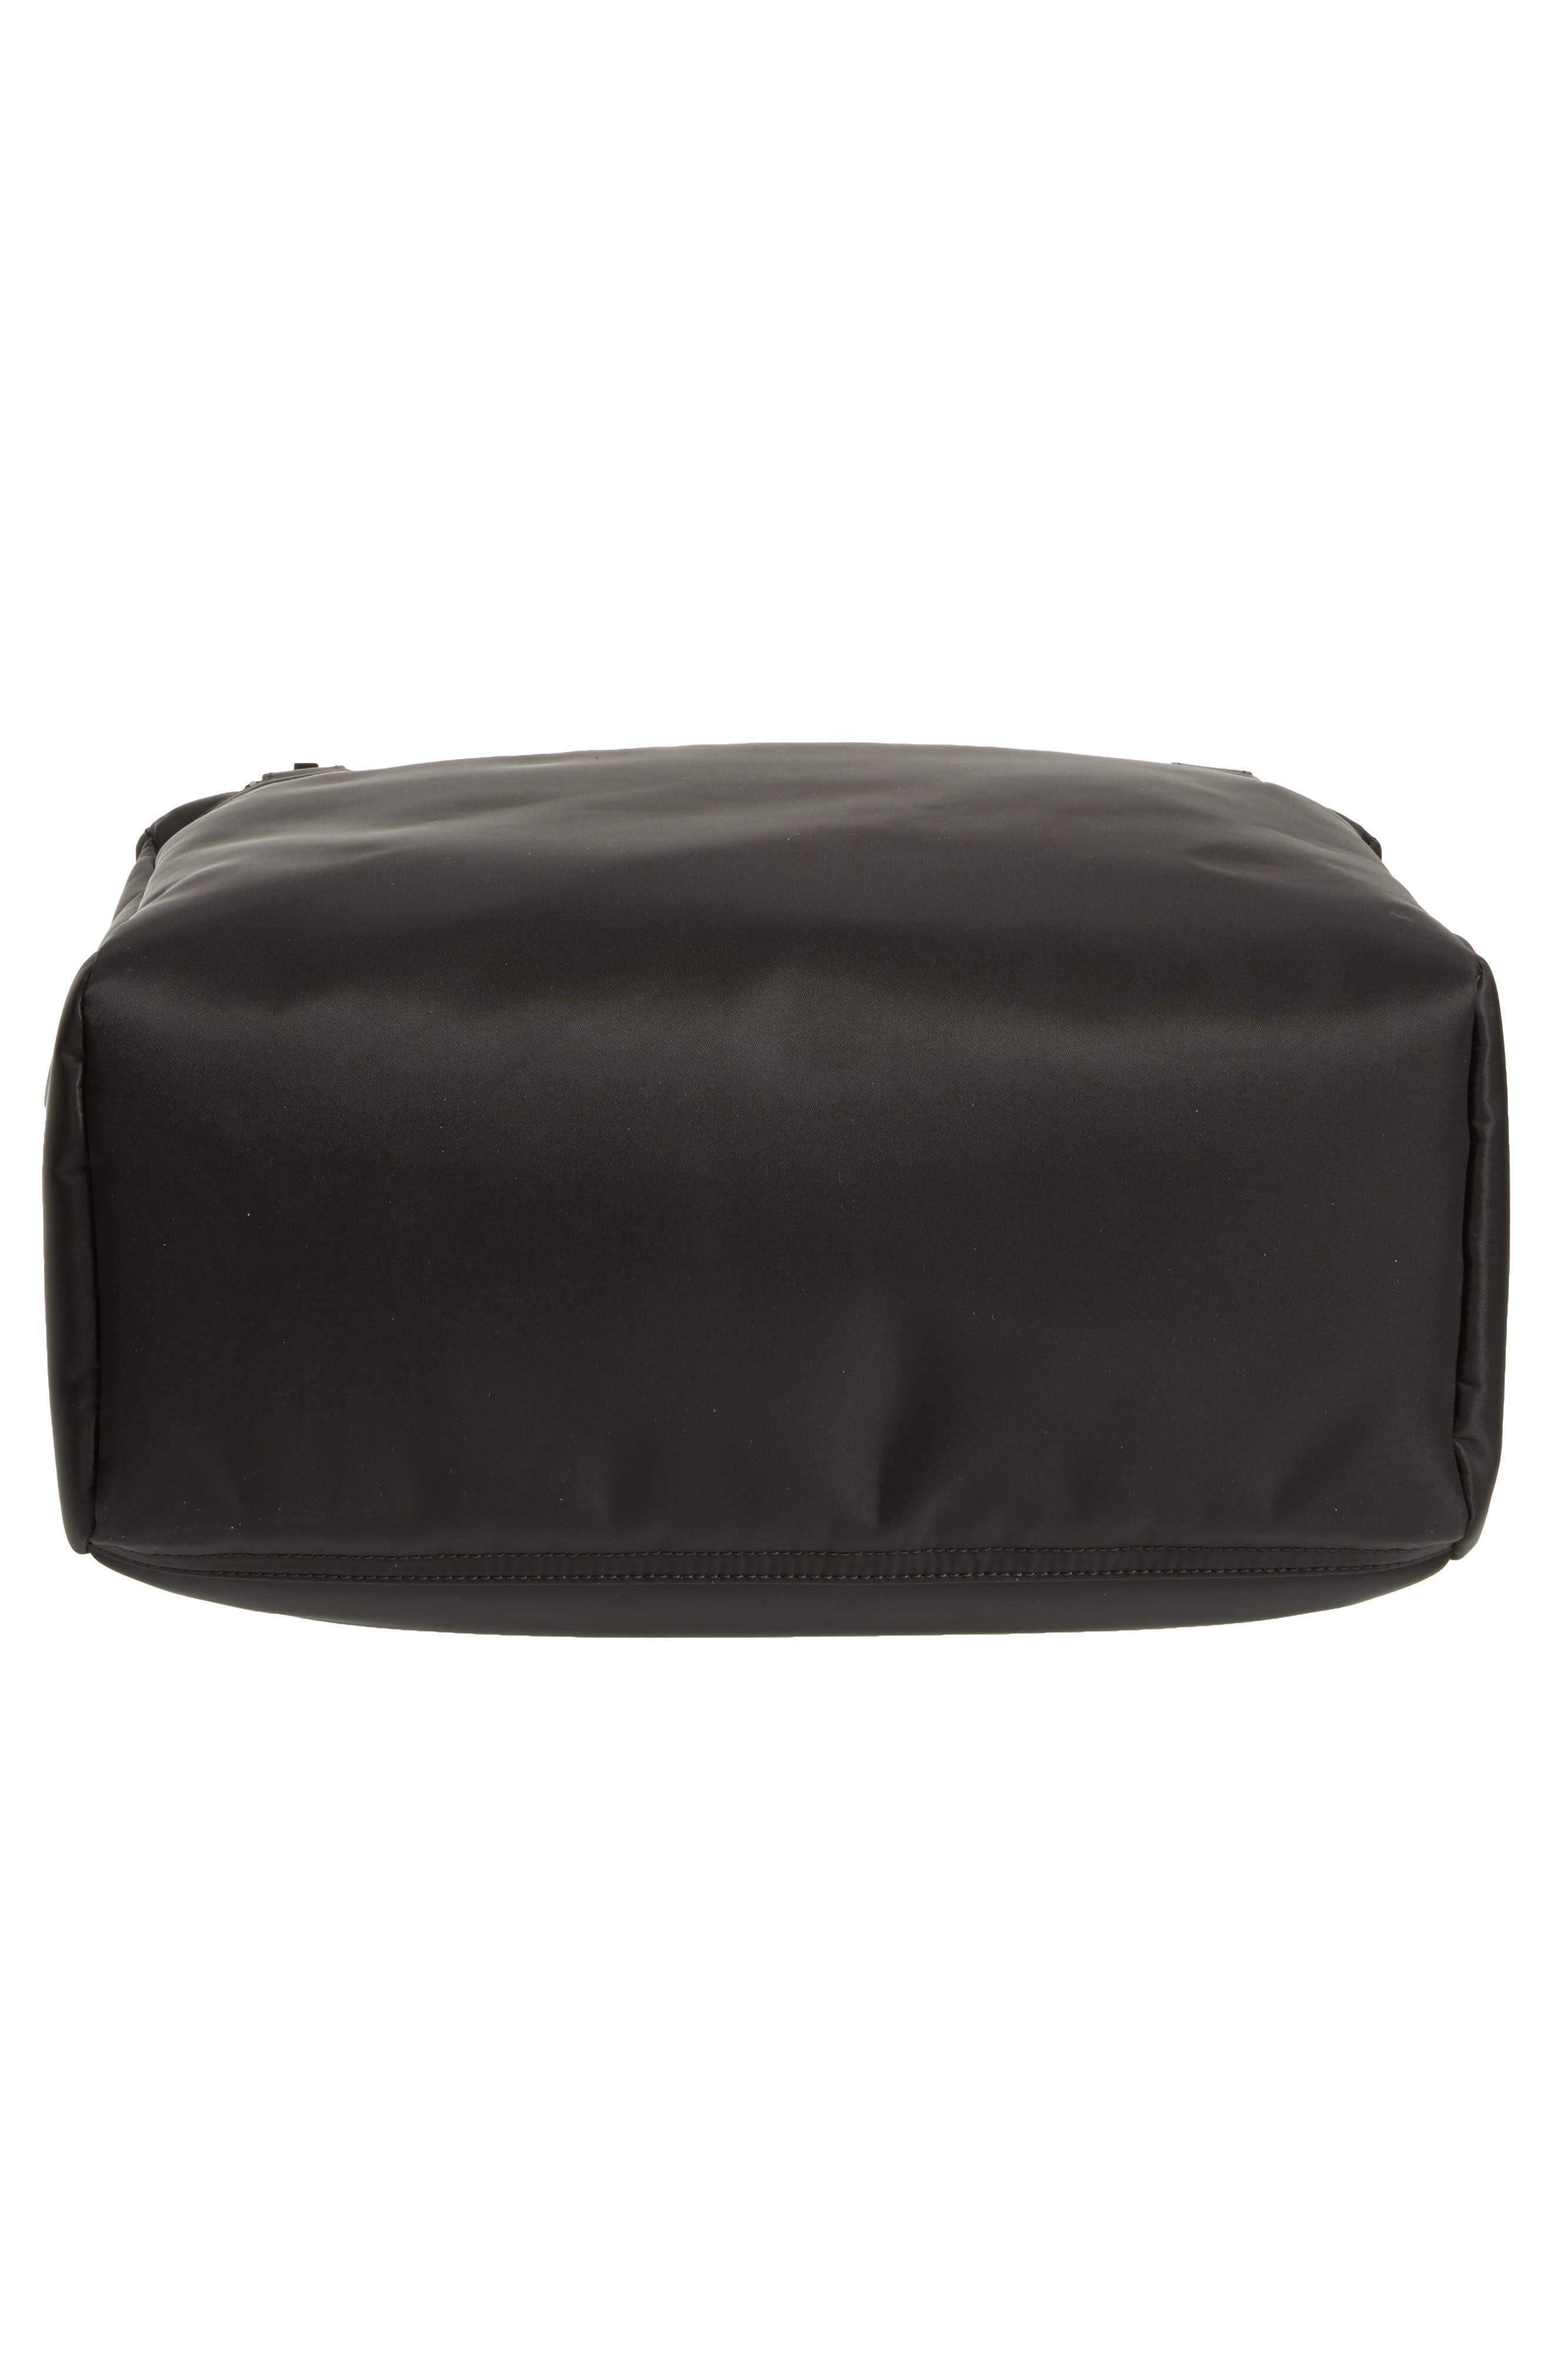 Paris Pandora Shoulder Bag,                             Alternate thumbnail 6, color,                             004